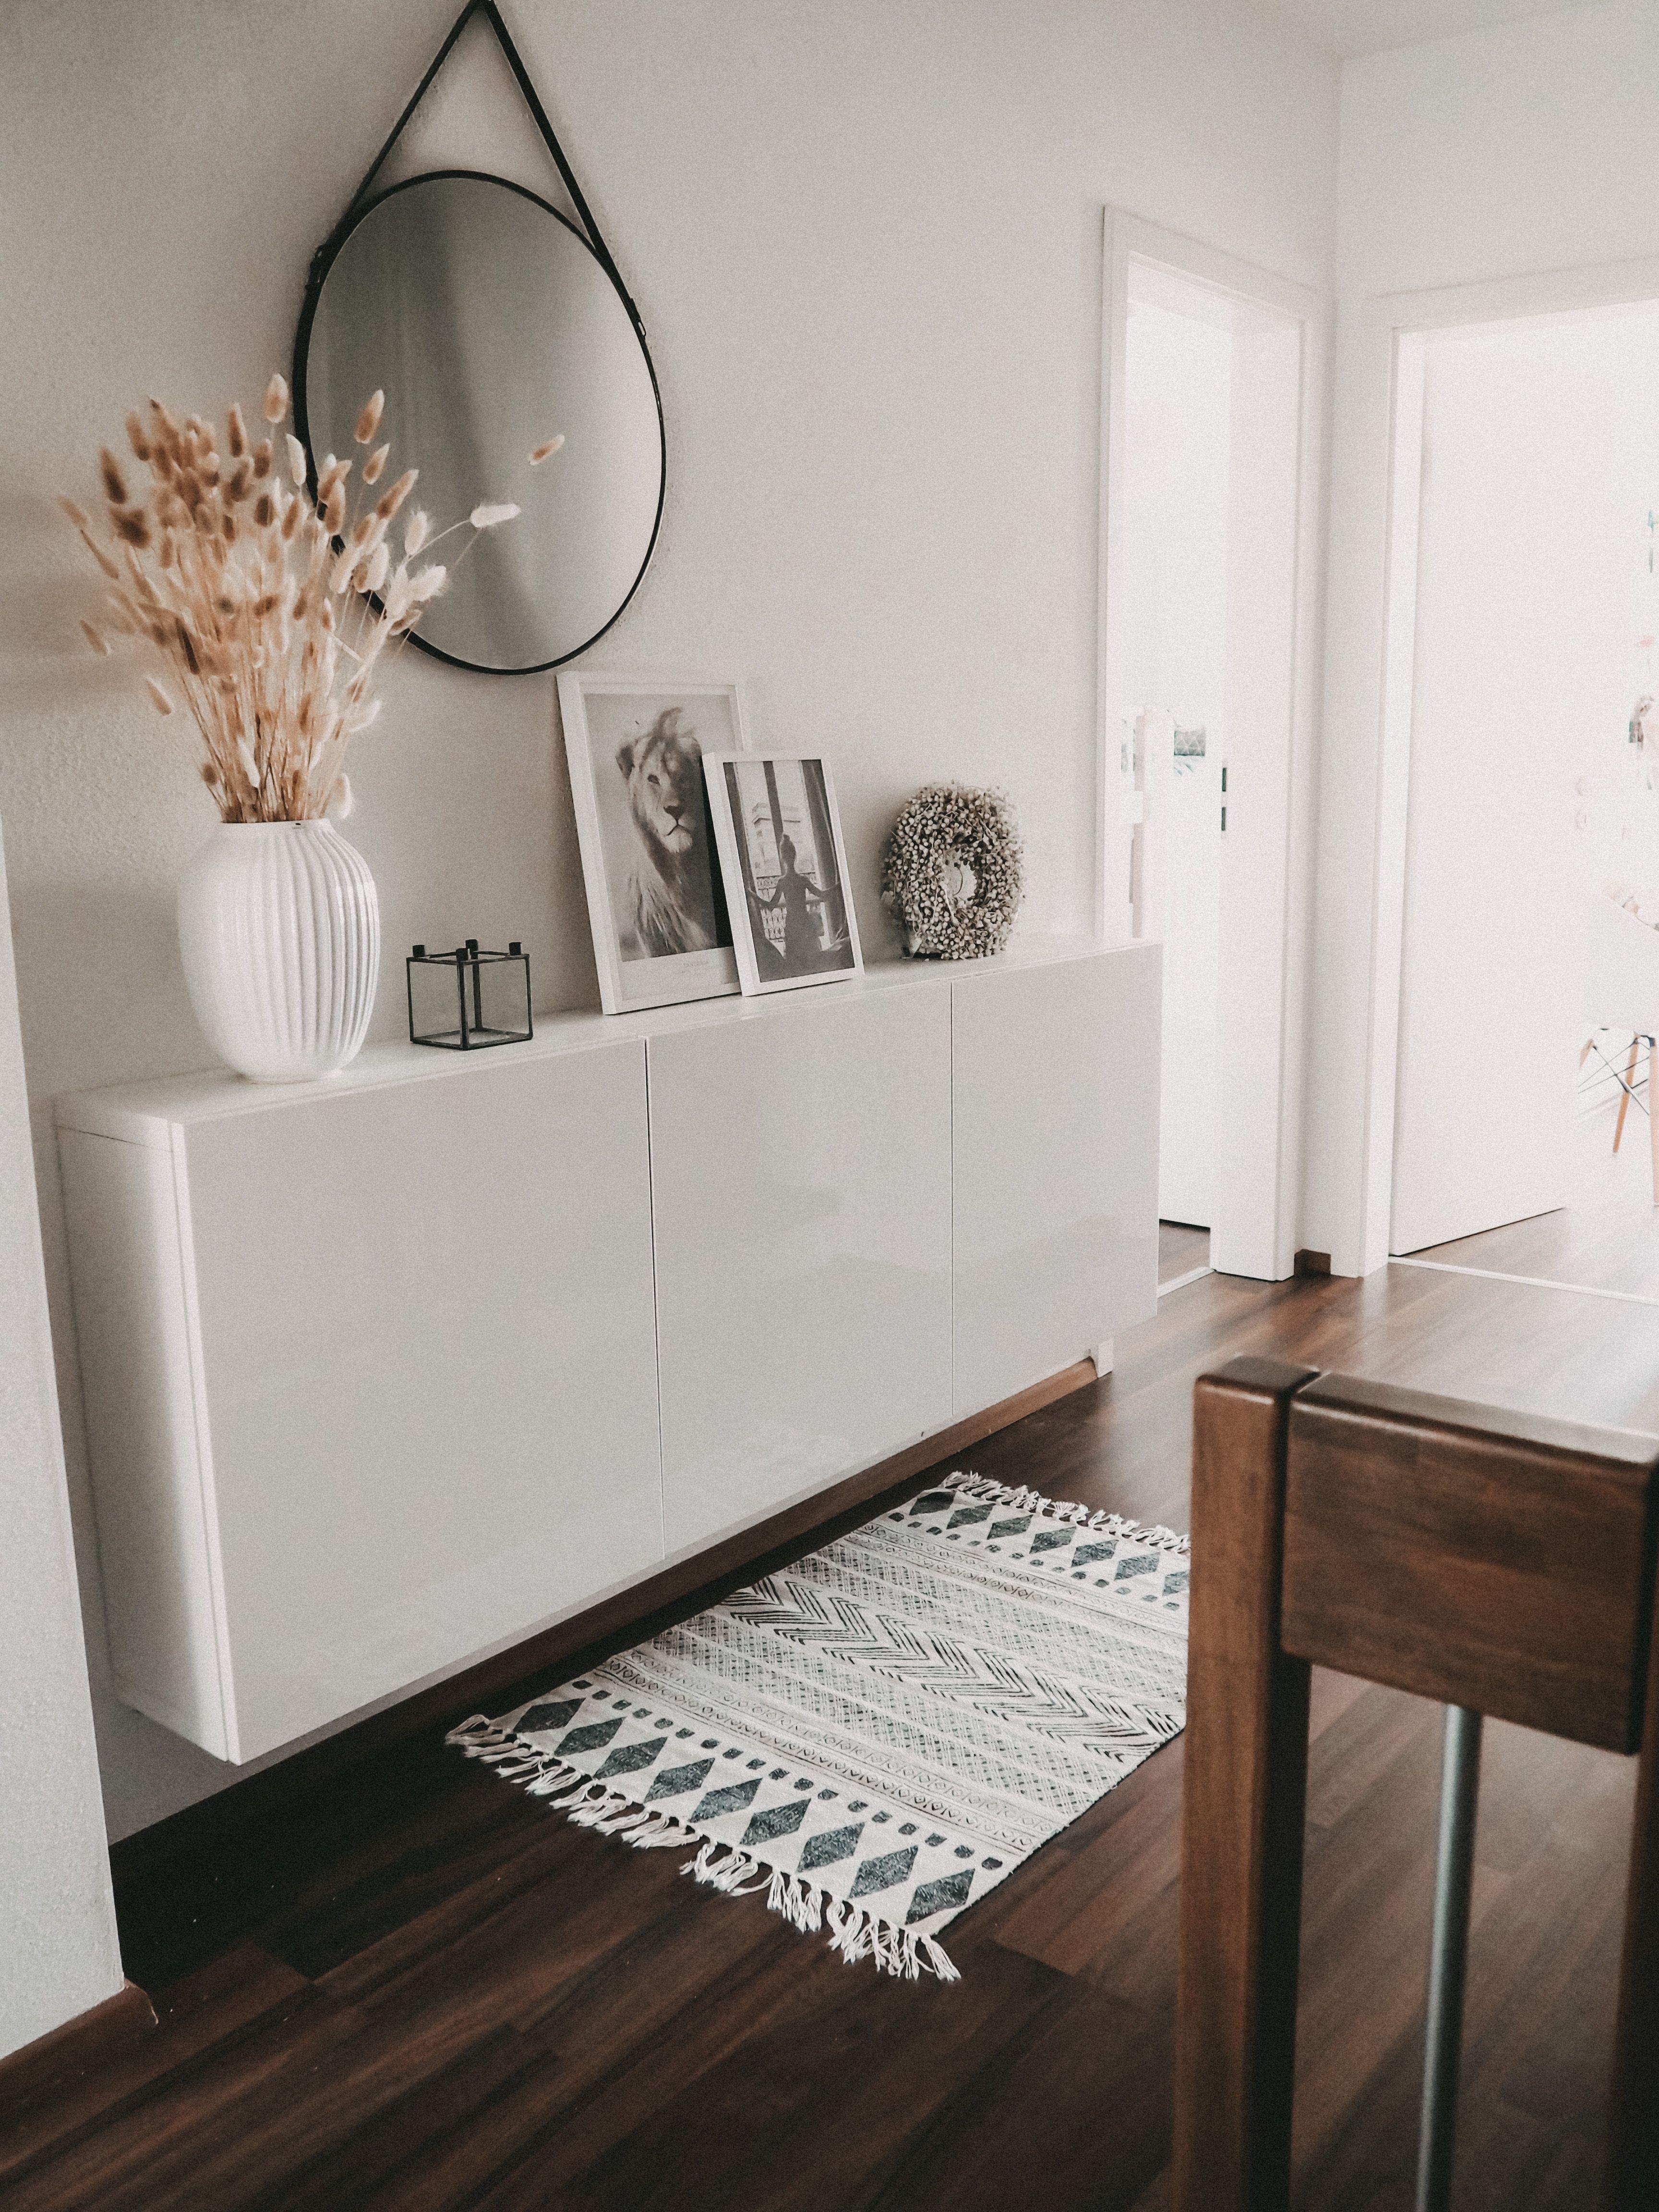 Pin Von Sonjas Picturebook Auf Flur In 2020 Ikea Sideboard Eingangsbereich Einrichten Wohnungseinrichtung Stil